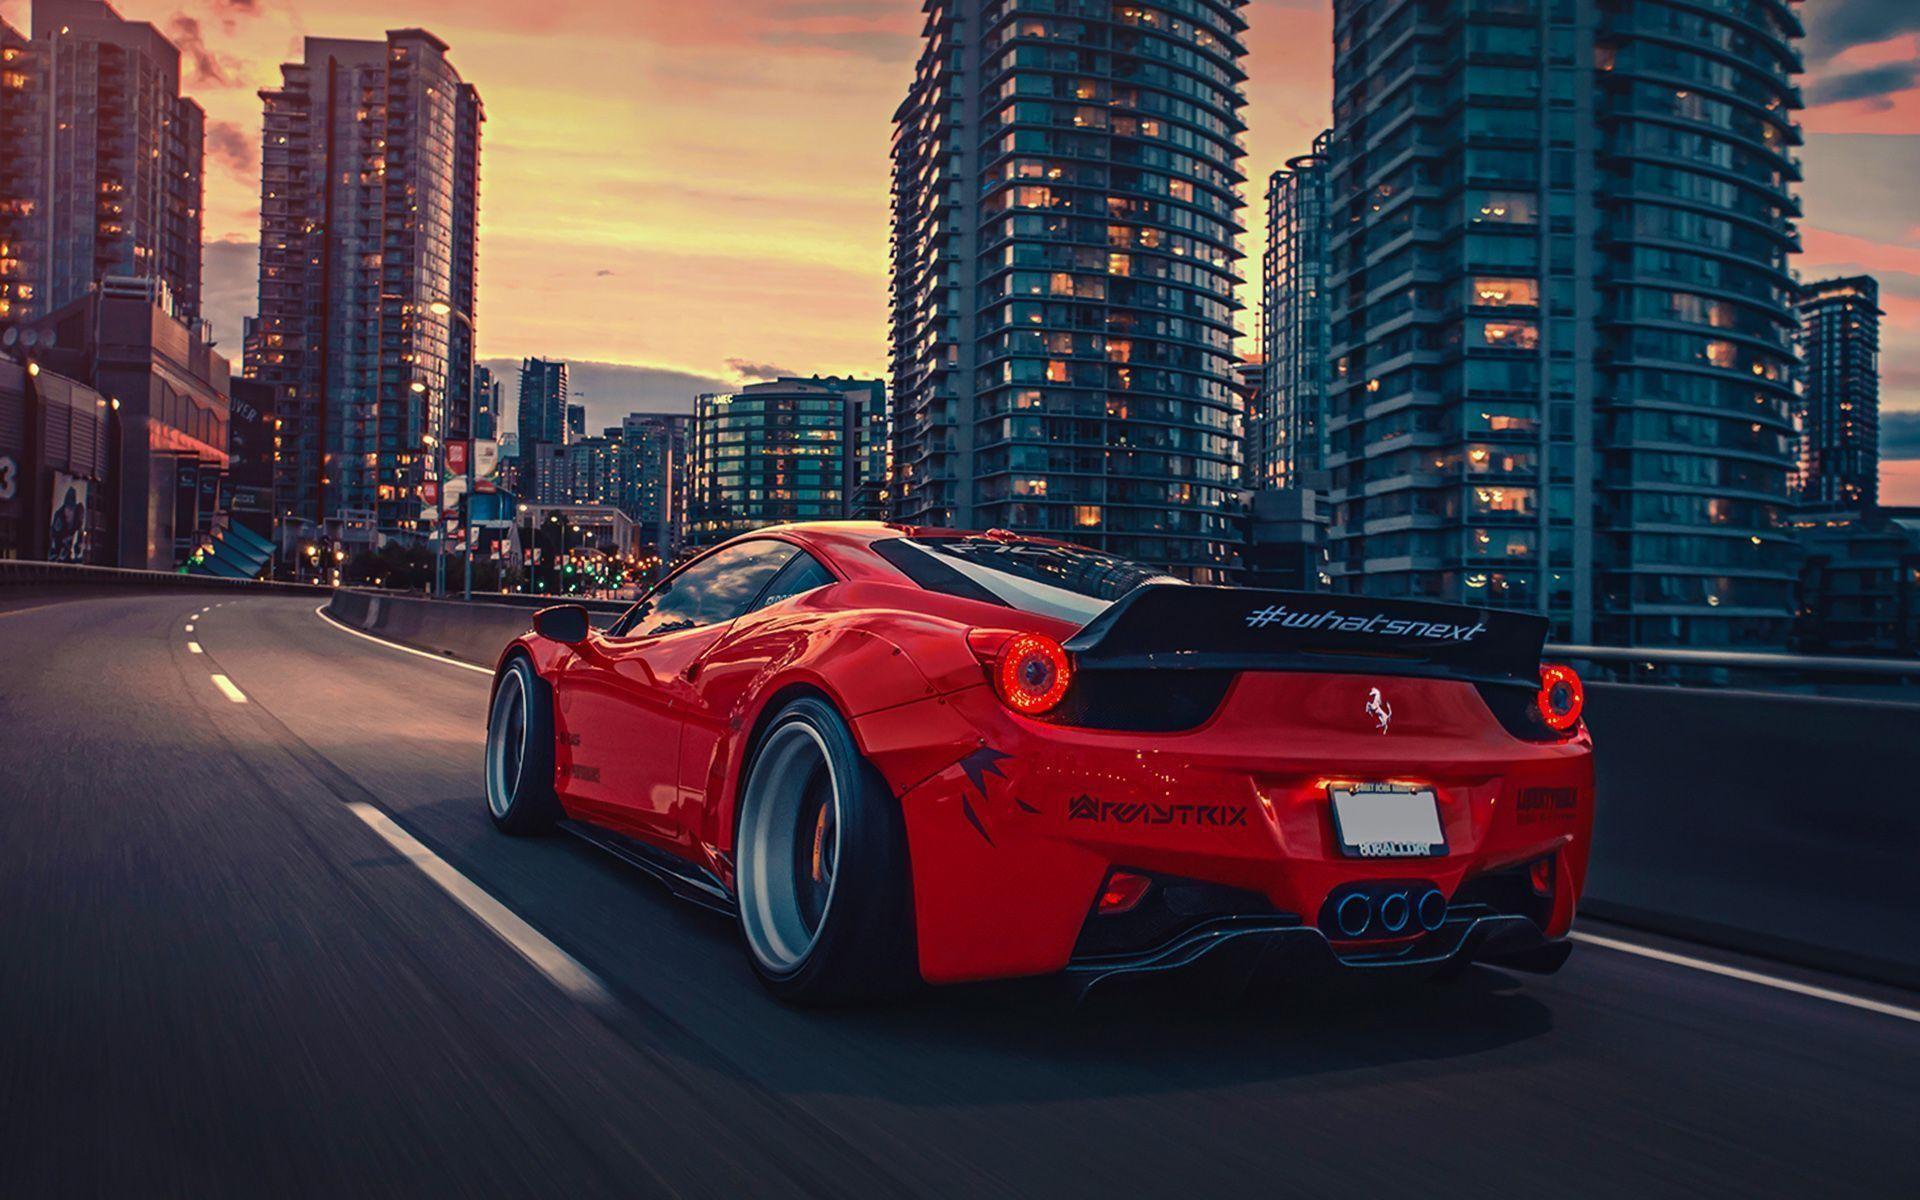 Lamborghini Car Hd Wallpaper Free Download Liberty Walk Wallpapers 84 Images